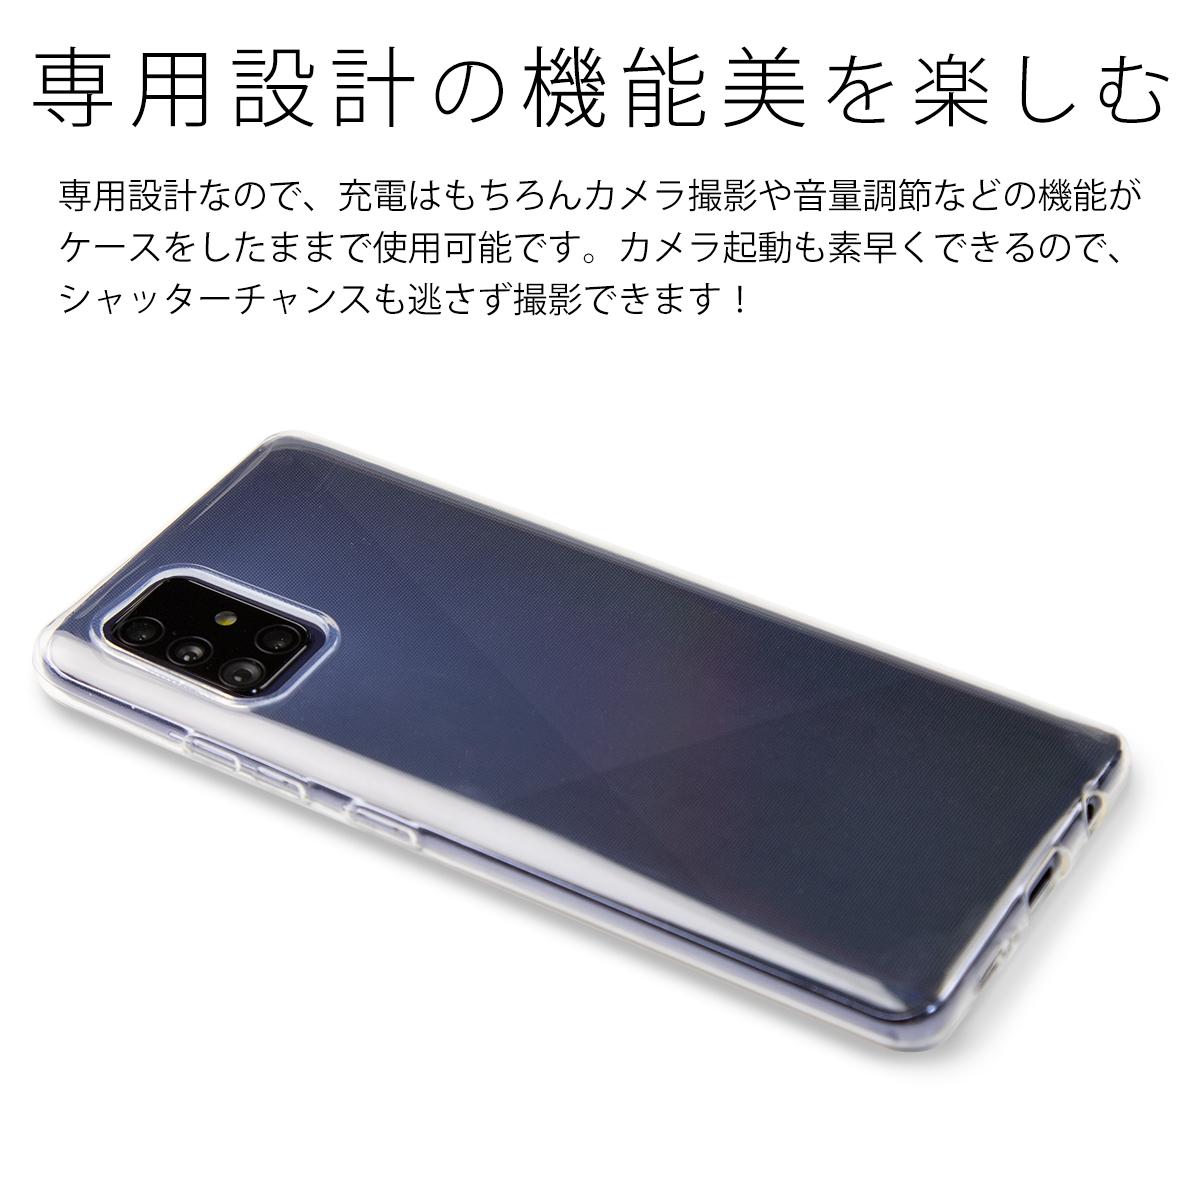 Galaxy A51 5G SC-54A SCG07 TPU クリアケース